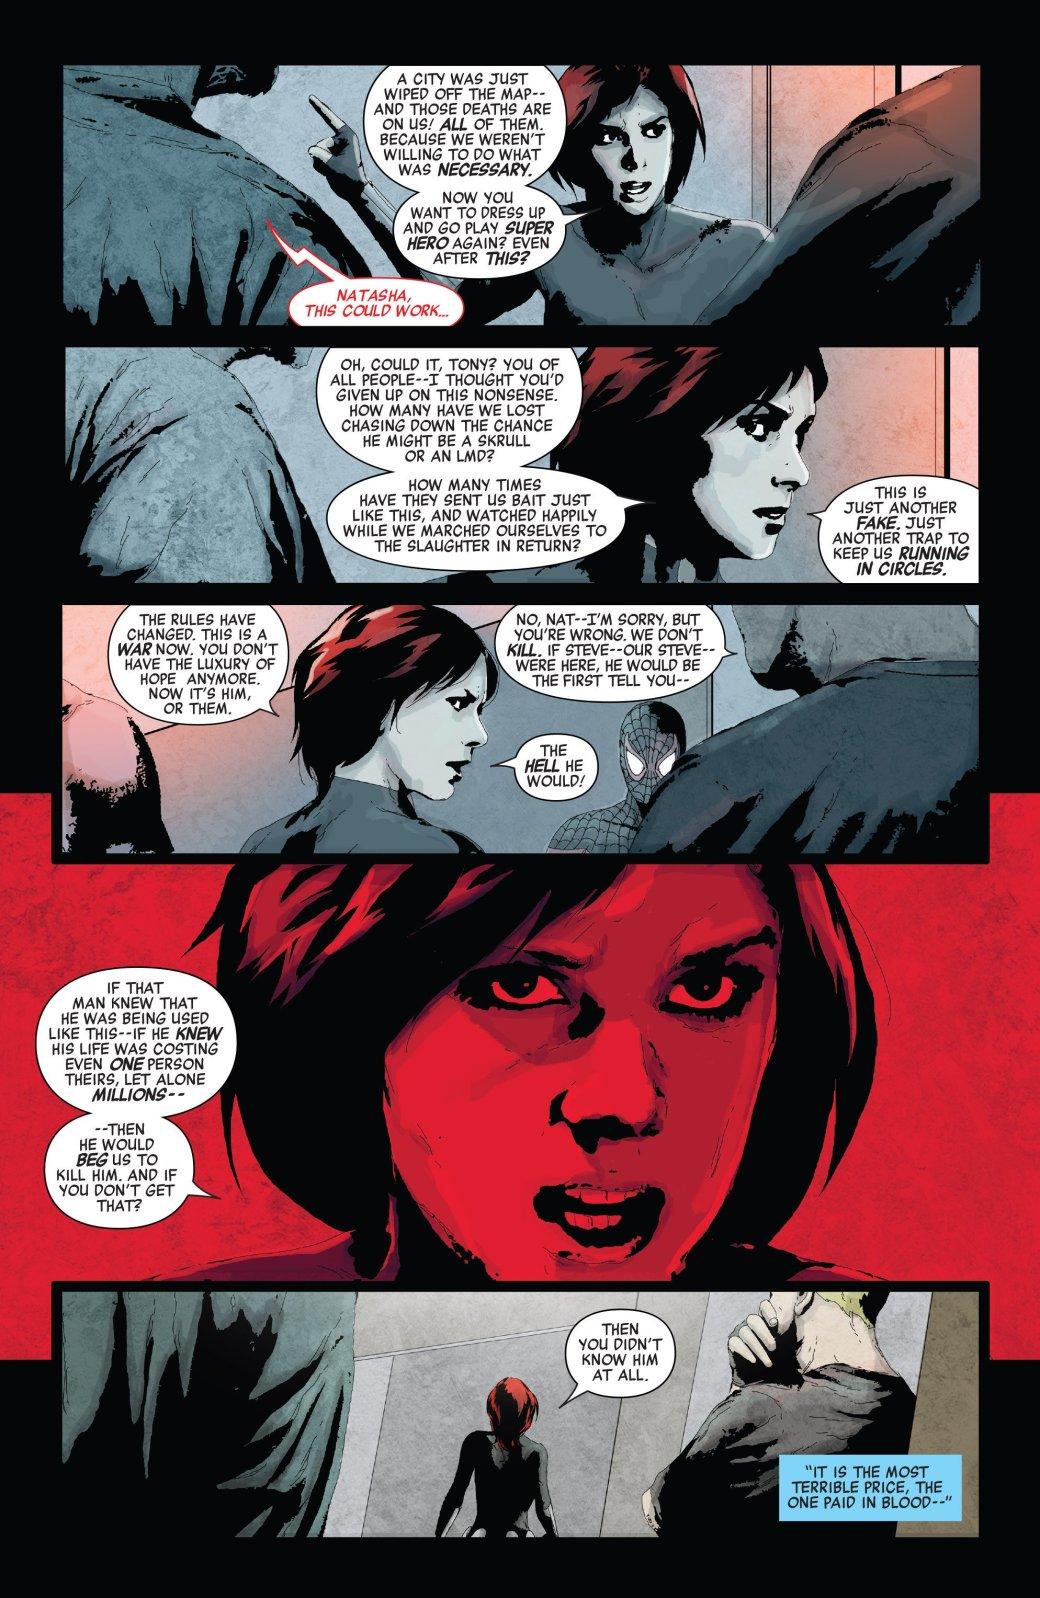 Secret Empire: Гидра сломала супергероев, и теперь они готовы убивать. - Изображение 9